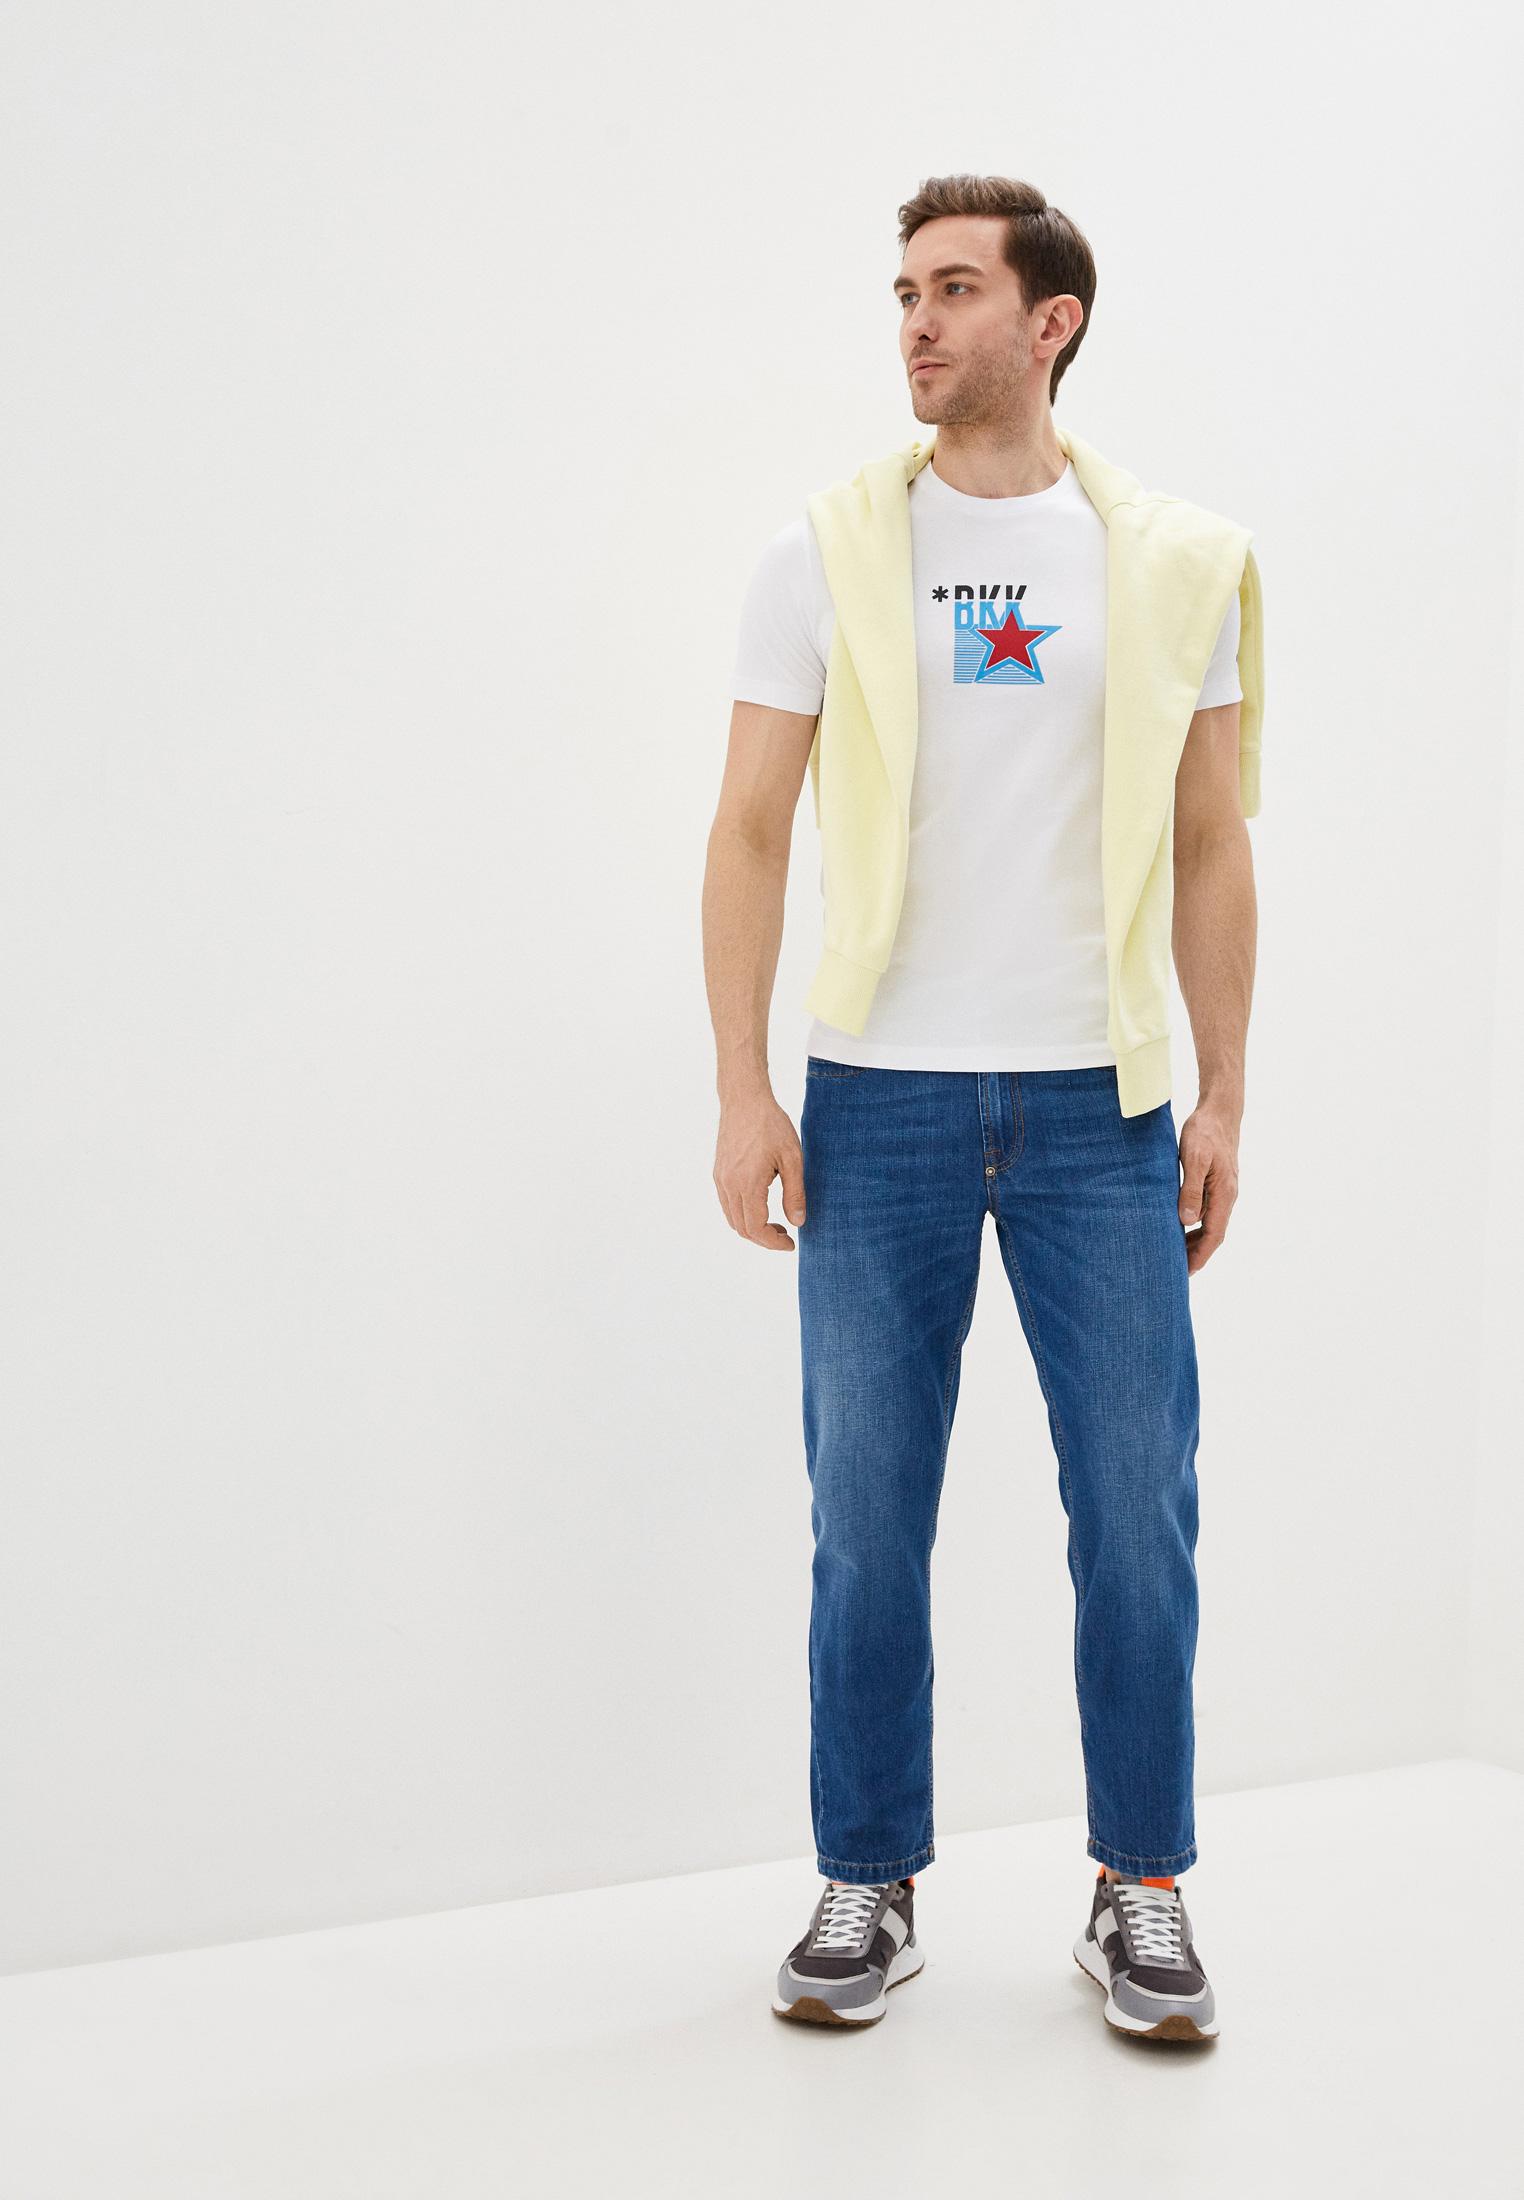 Мужские прямые джинсы Bikkembergs (Биккембергс) c q 102 03 t 9974: изображение 3